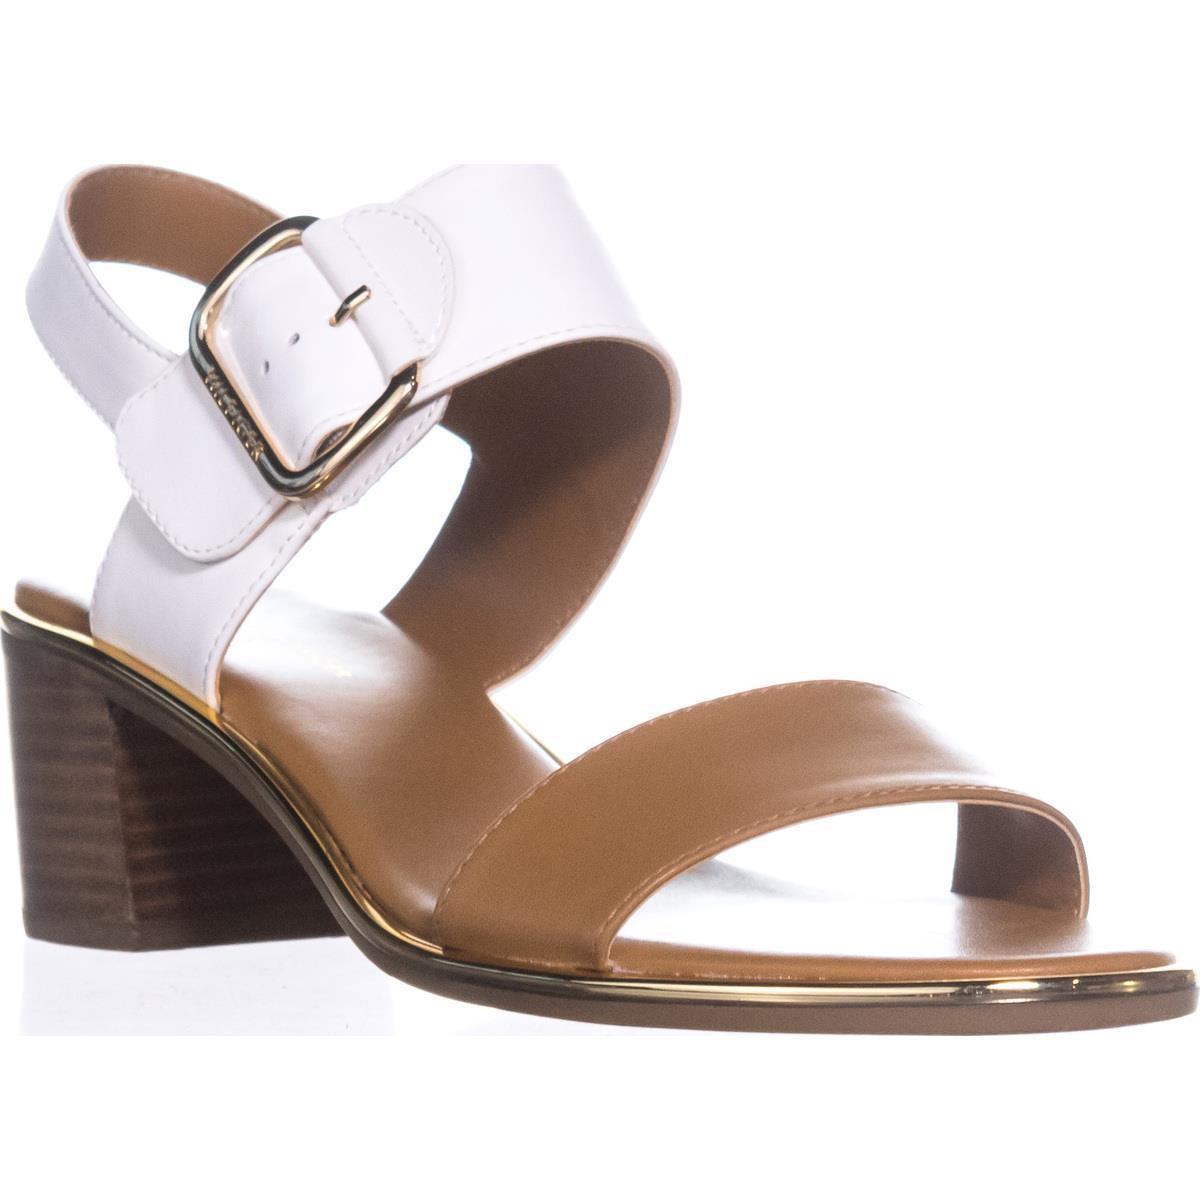 2db05648b011 Tommy Hilfiger Katz2 Block-heel Slingback Sandals in White - Lyst